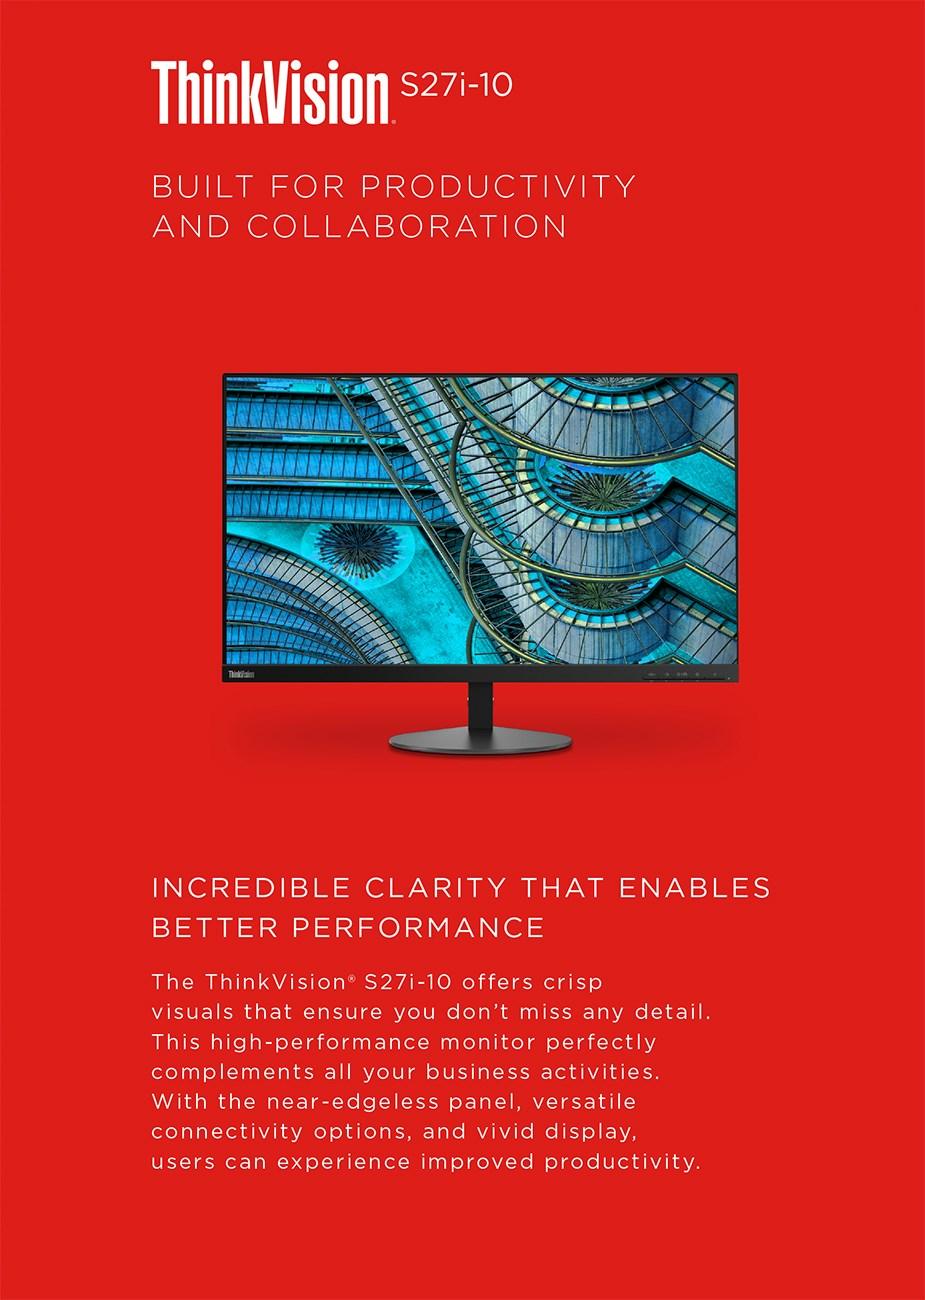 """Lenovo ThinkVision S27i-10 27"""" Full HD WLED IPS Monitor - Desktop Overview 1"""